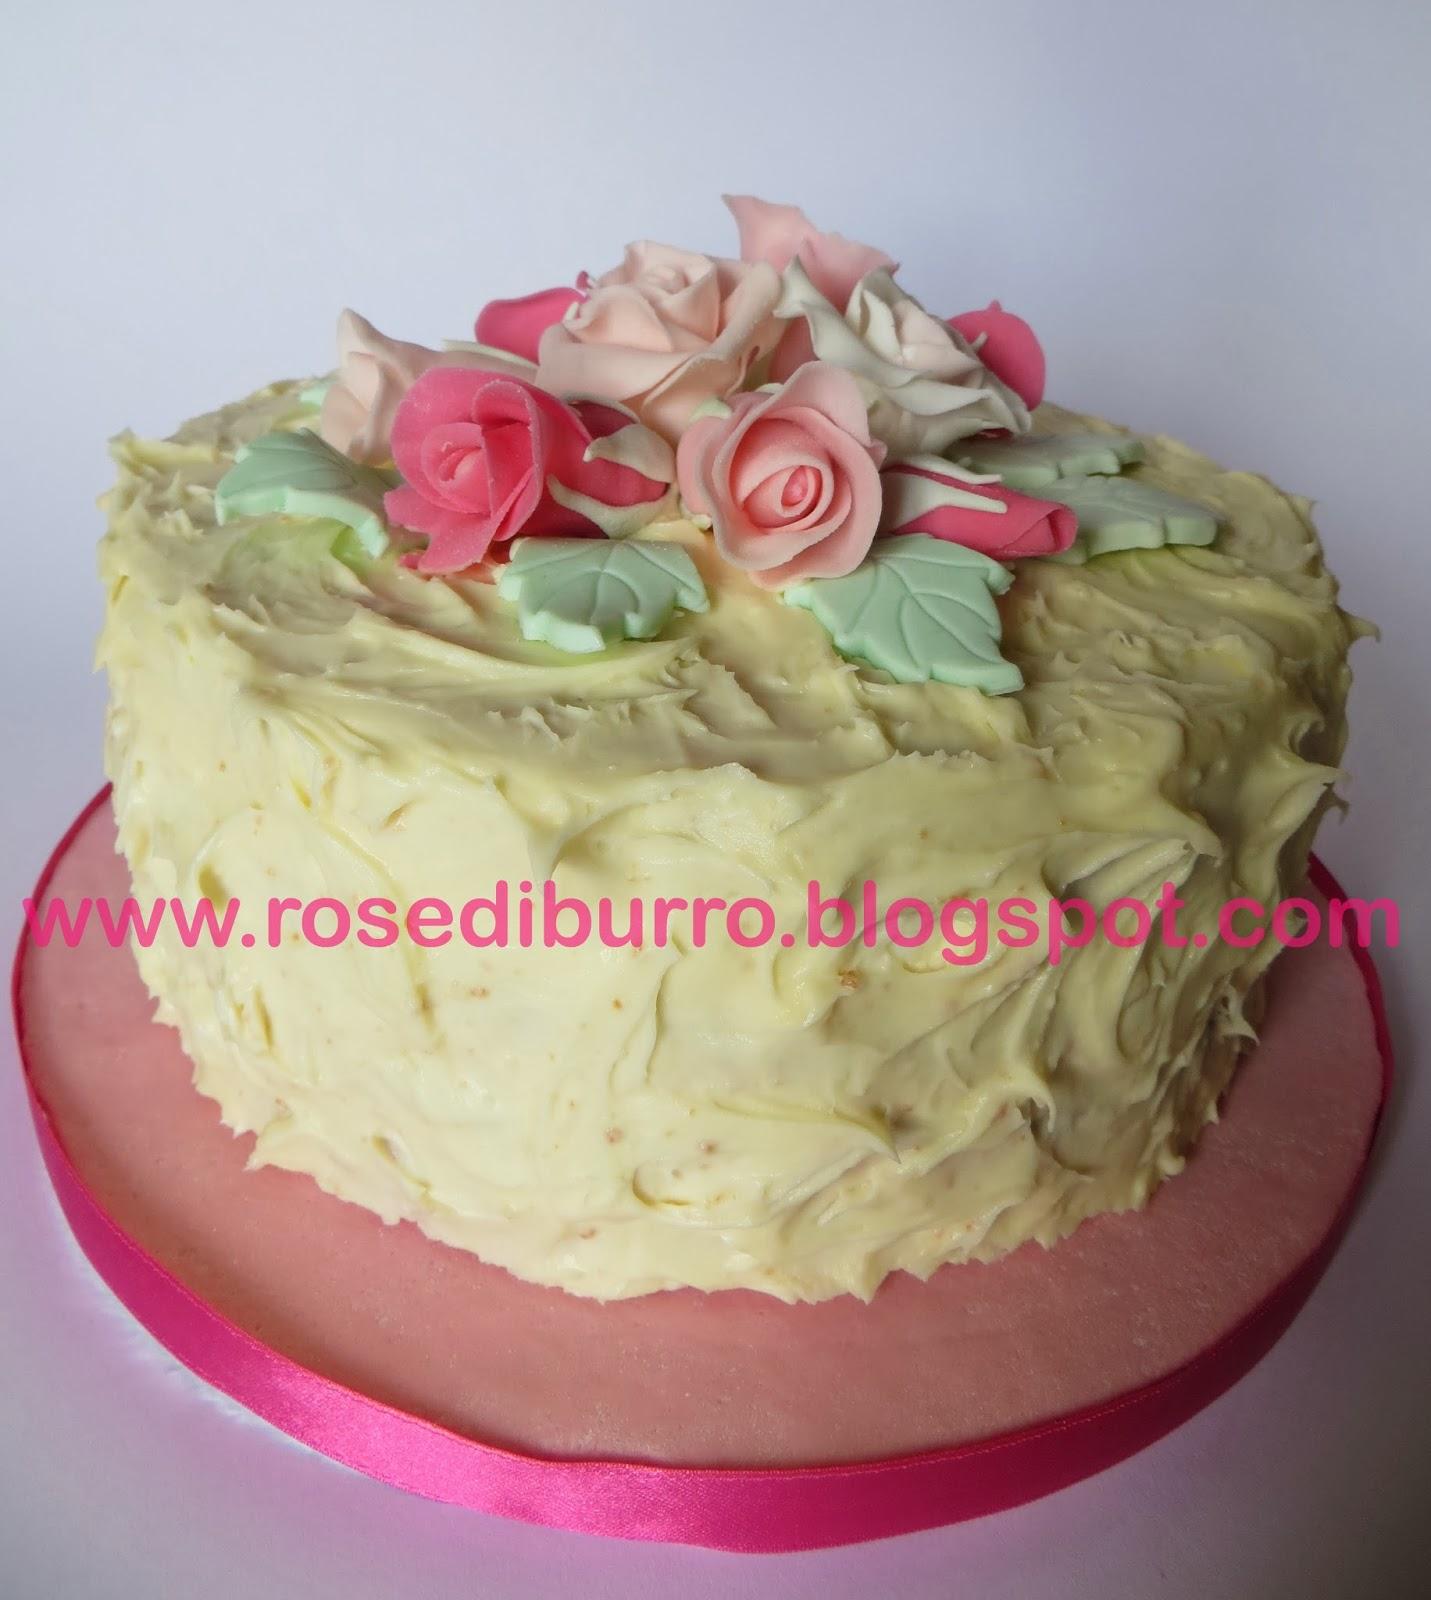 Rose di burro torta bouquet di rose per il compleanno - Colorazione pagina della torta di compleanno ...